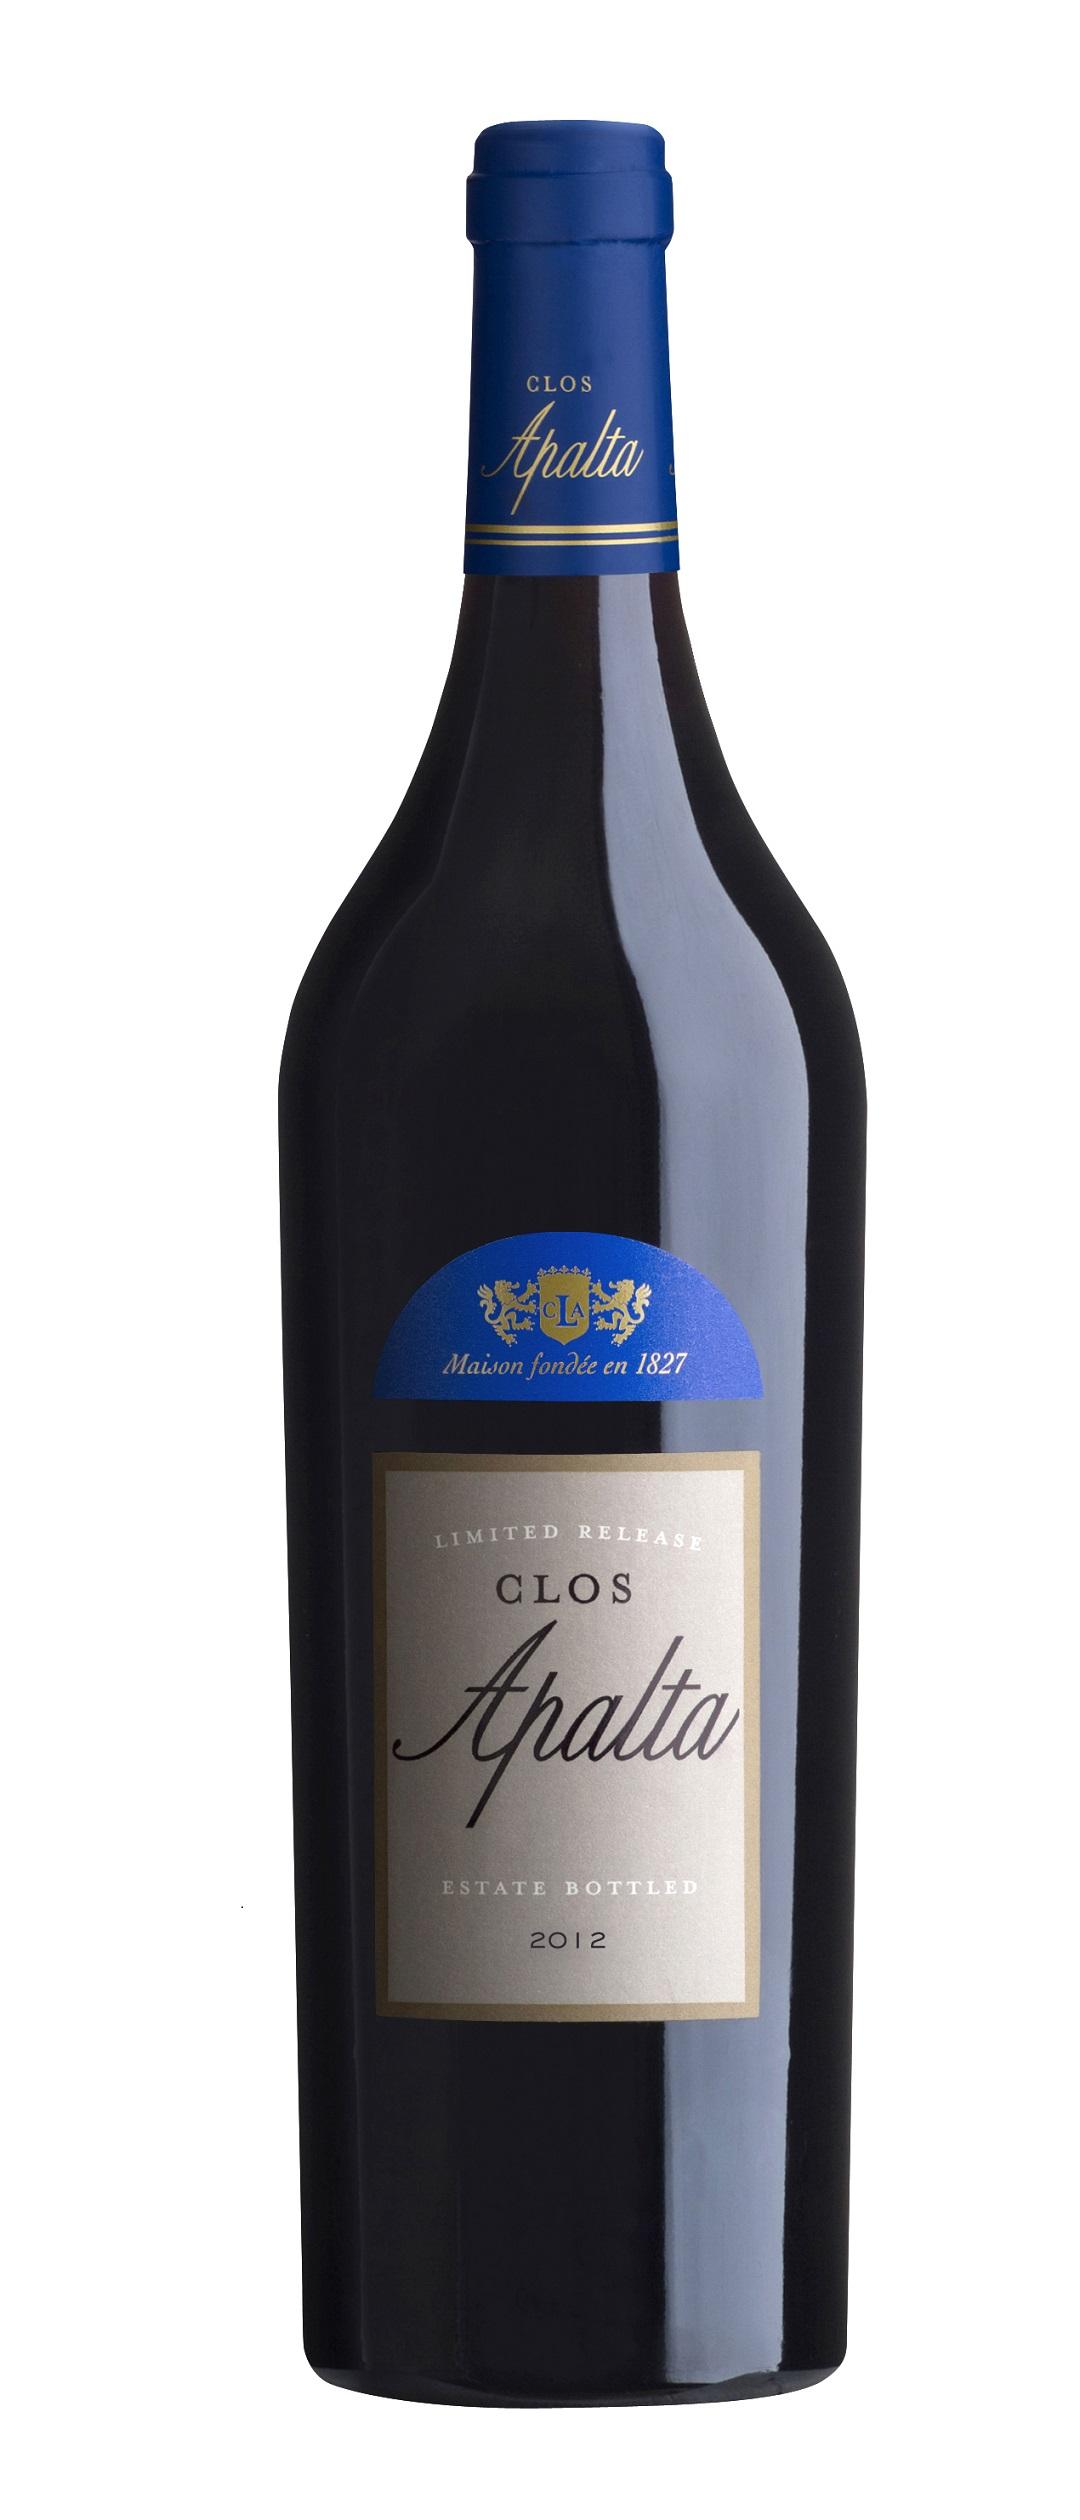 Clos-Apalta-verkopen